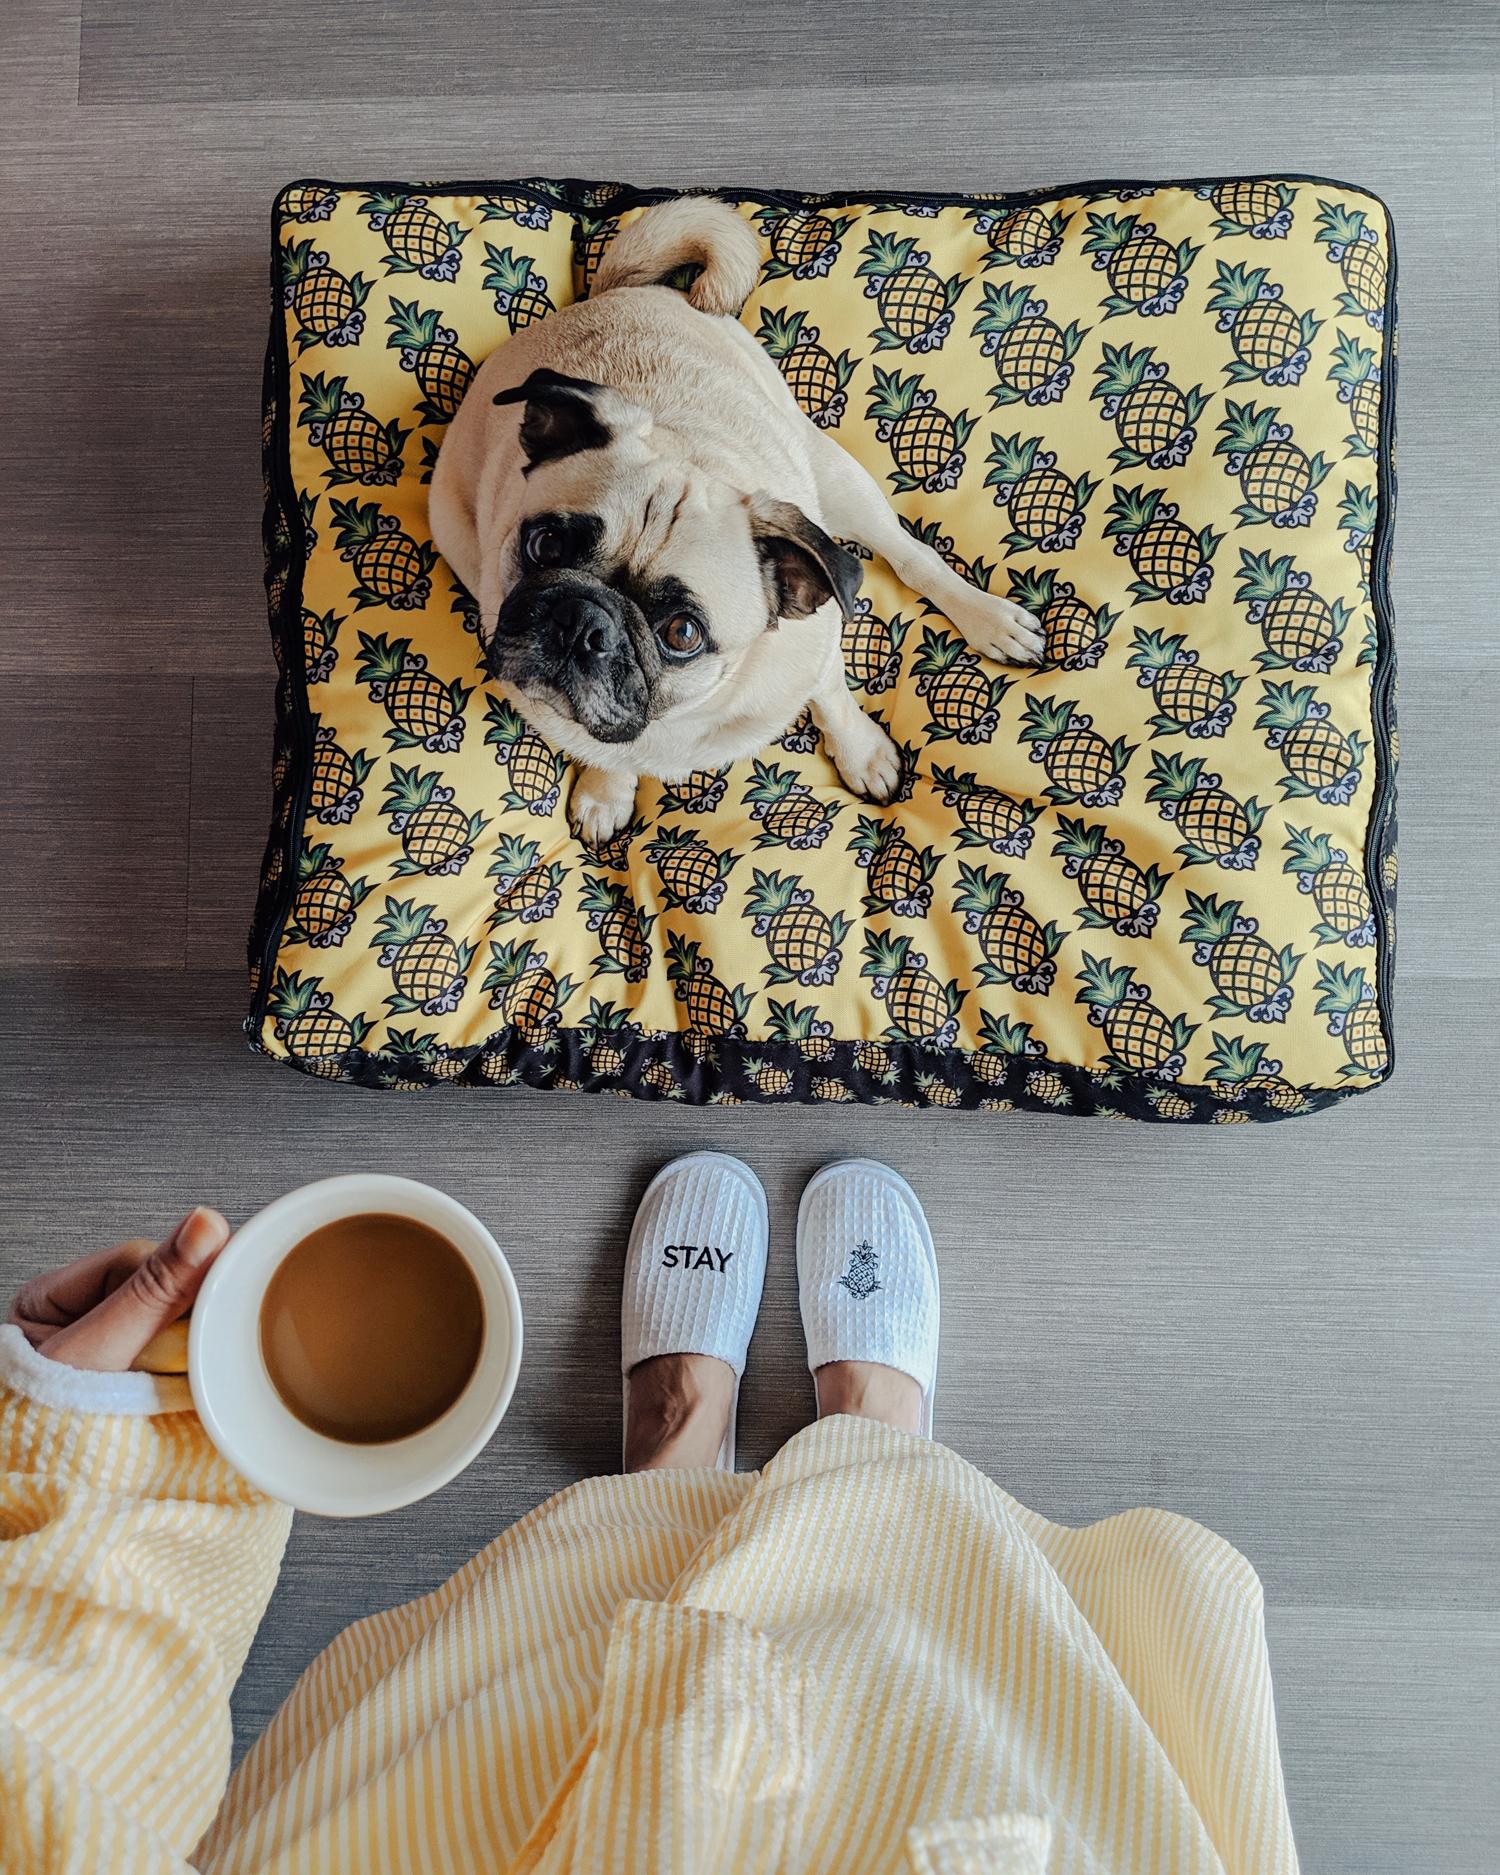 Portland-dogfriendly-travel-travelwithyourdog-woodenshoetulipfestival-2019-dogstraveling-dogblog-pug-dogmomblog-newyorkblog-visitportland20.jpg